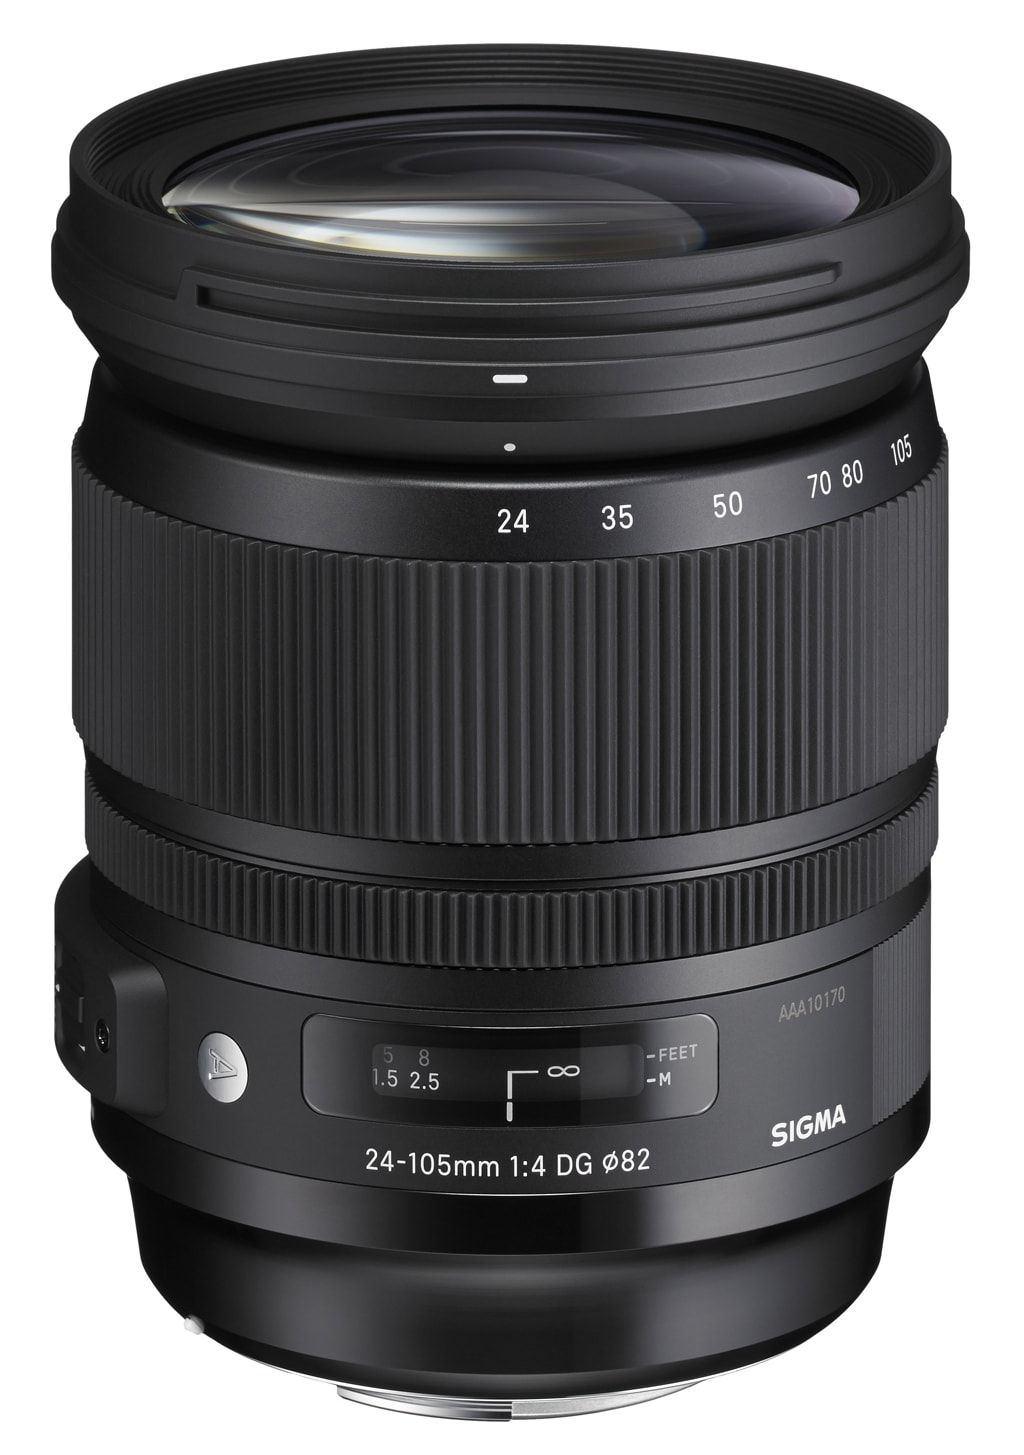 Sigma 24-105mm 1:4 DG OS HSM Art für Nikon